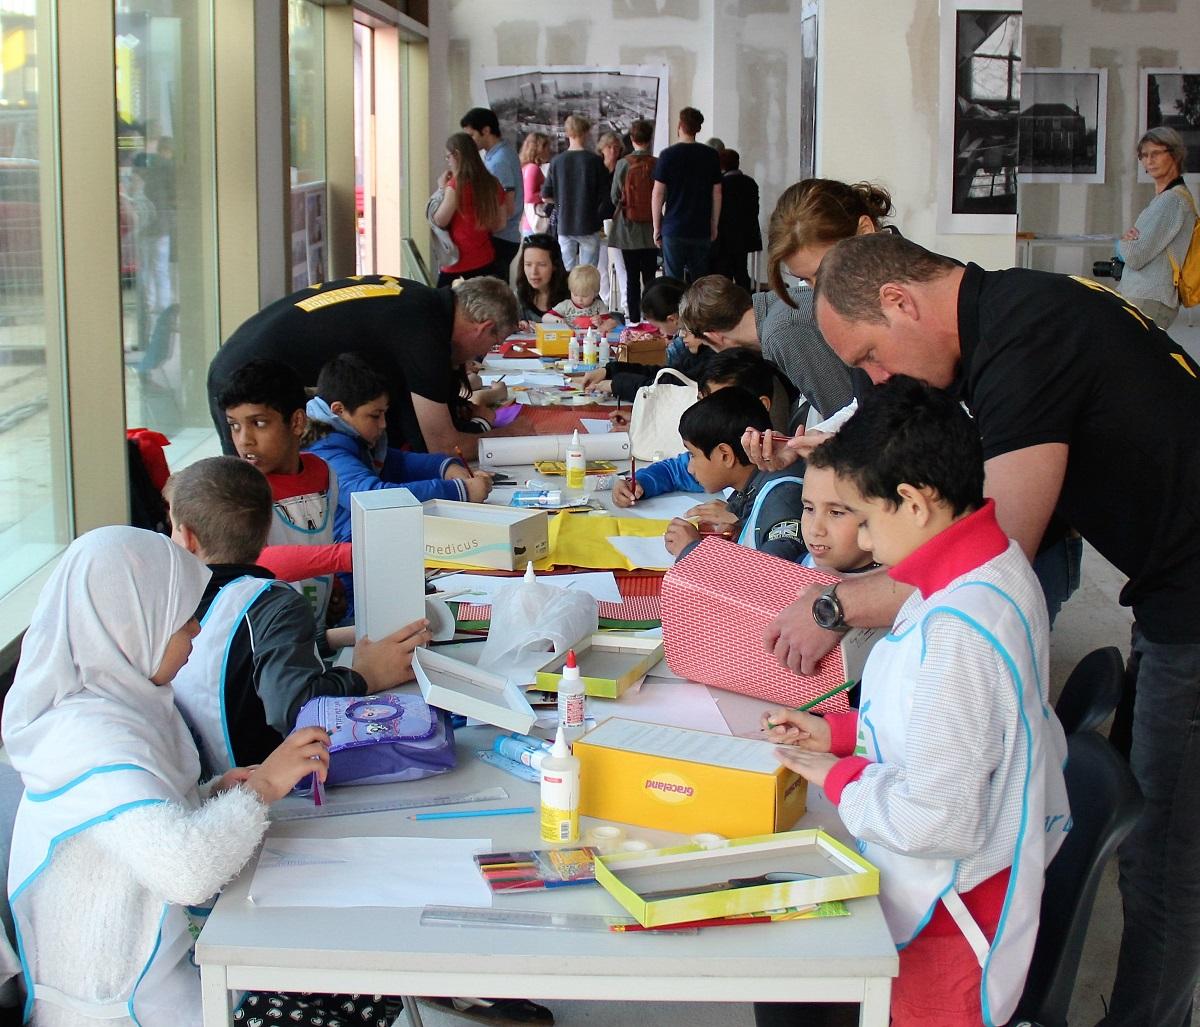 Kinderen maken maquettes op Dag van de Architectuur